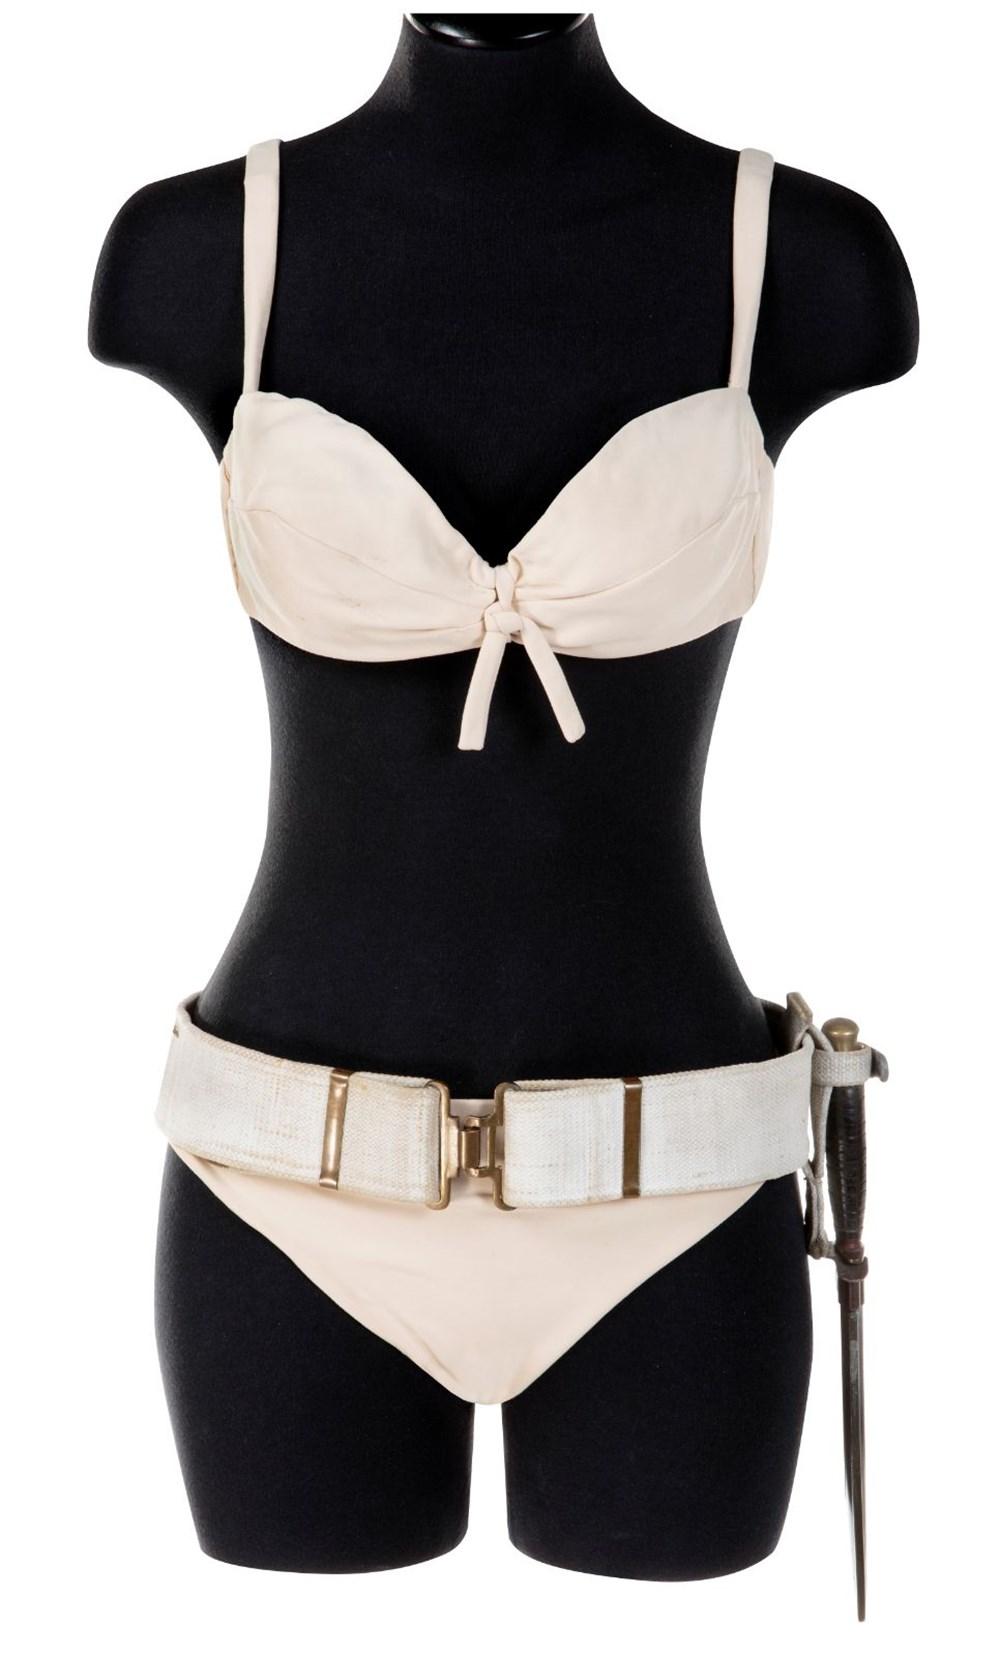 Ursula Andress'in James Bond bikinisi 500 bin dolara satılıyor - 3